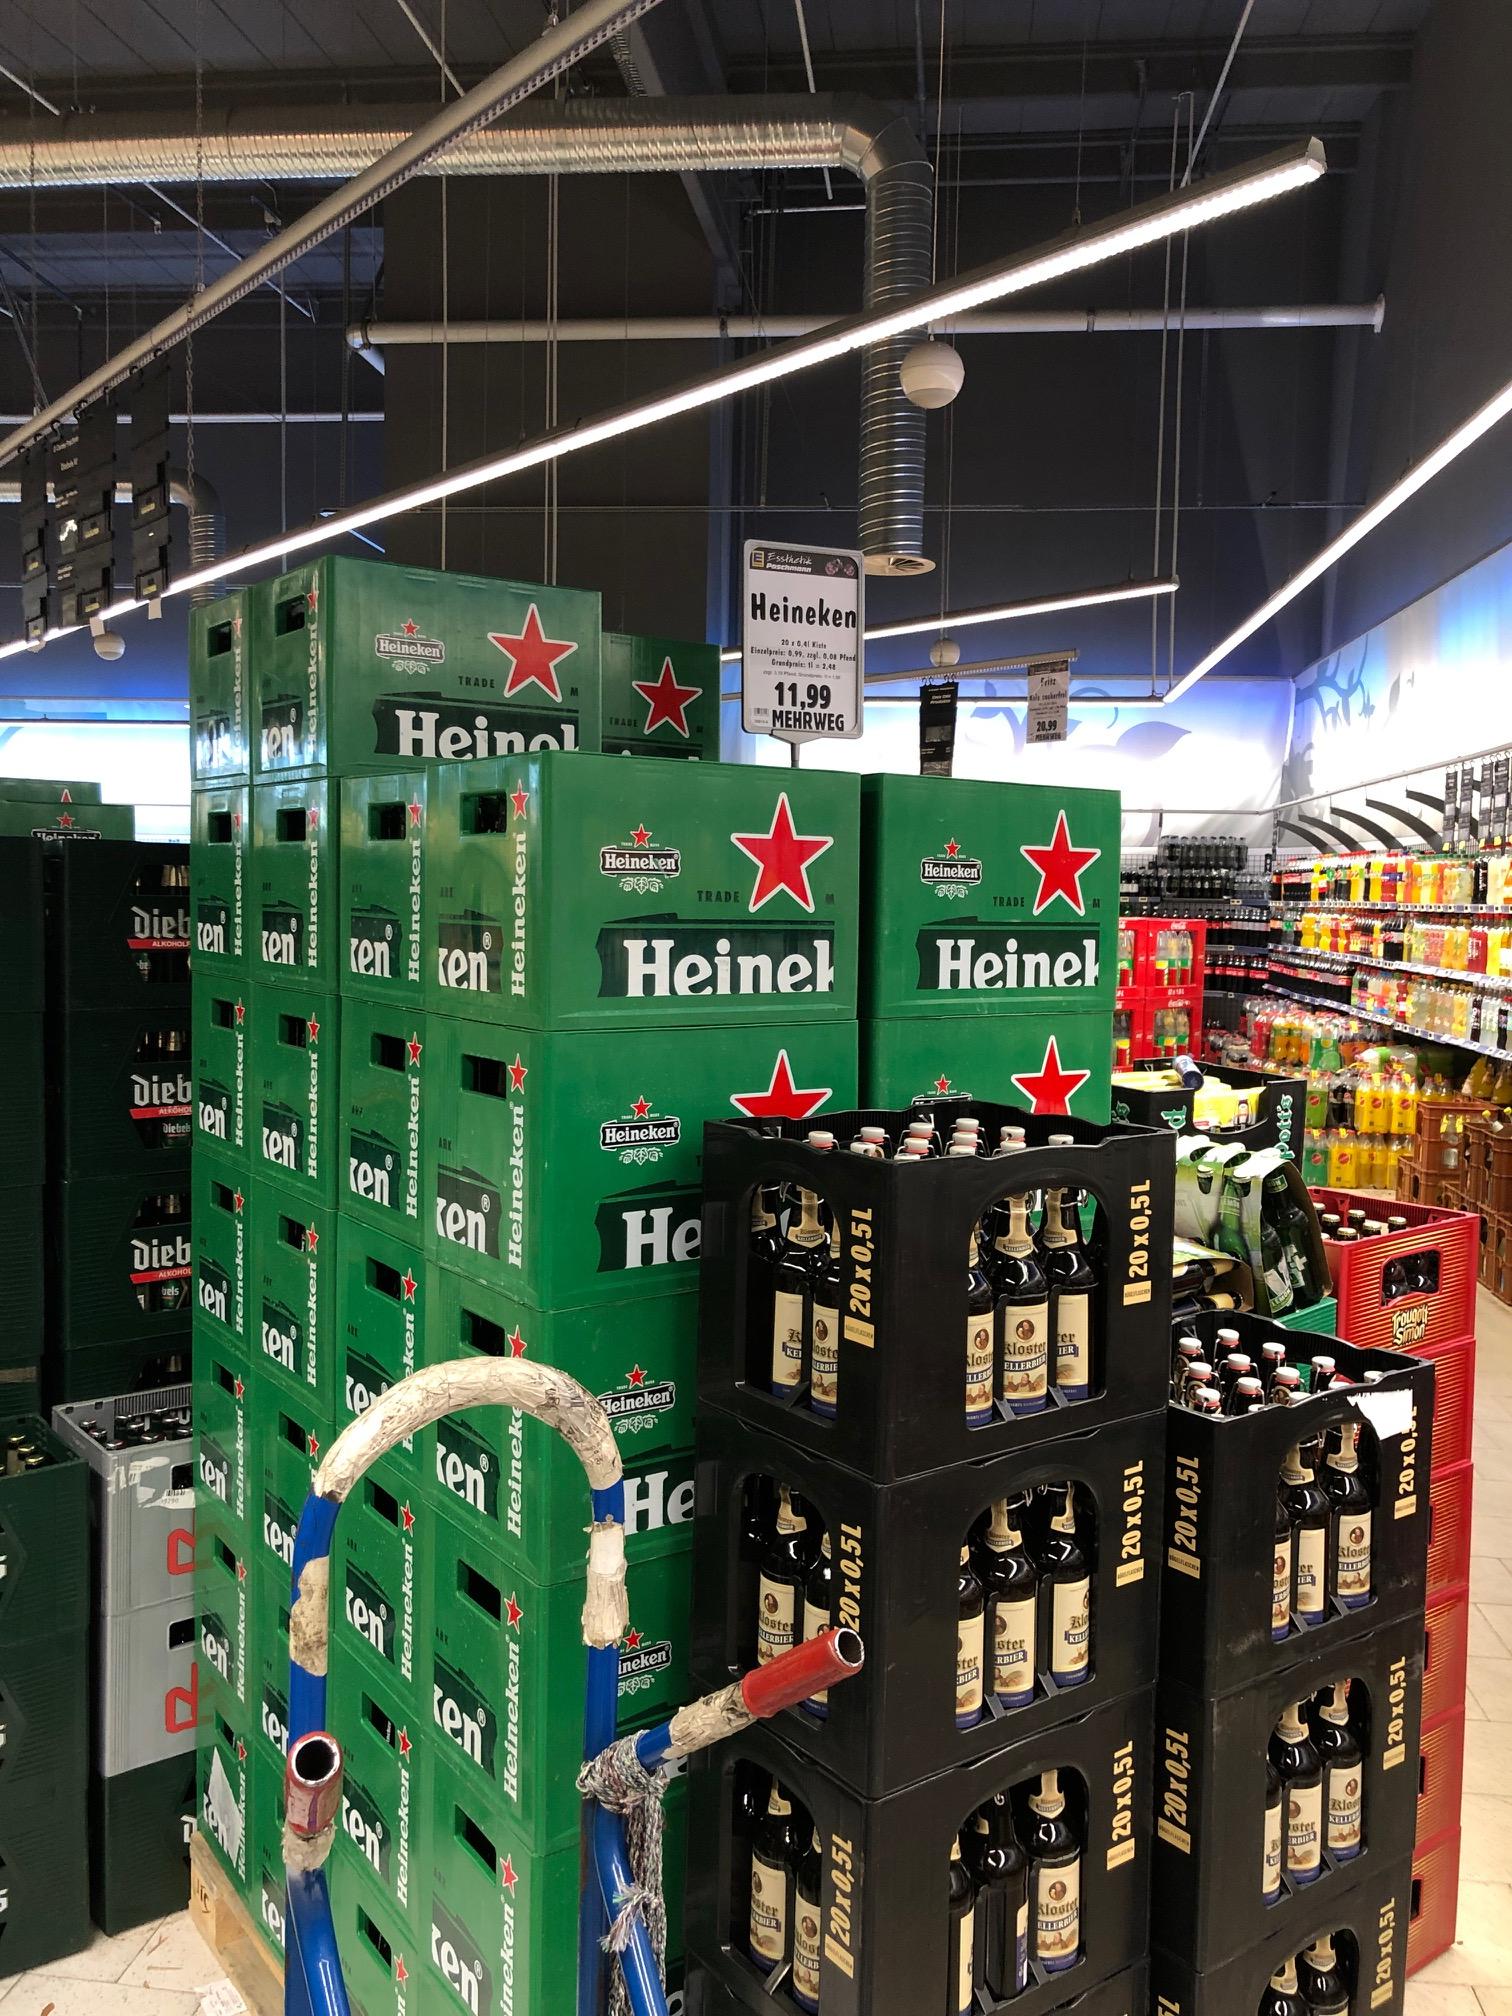 [LOKAL RUHRGEBIET] Edeka Mülheim - 1 Kiste (20x0,4L) Heineken für 11,99 + Pfand 3,90